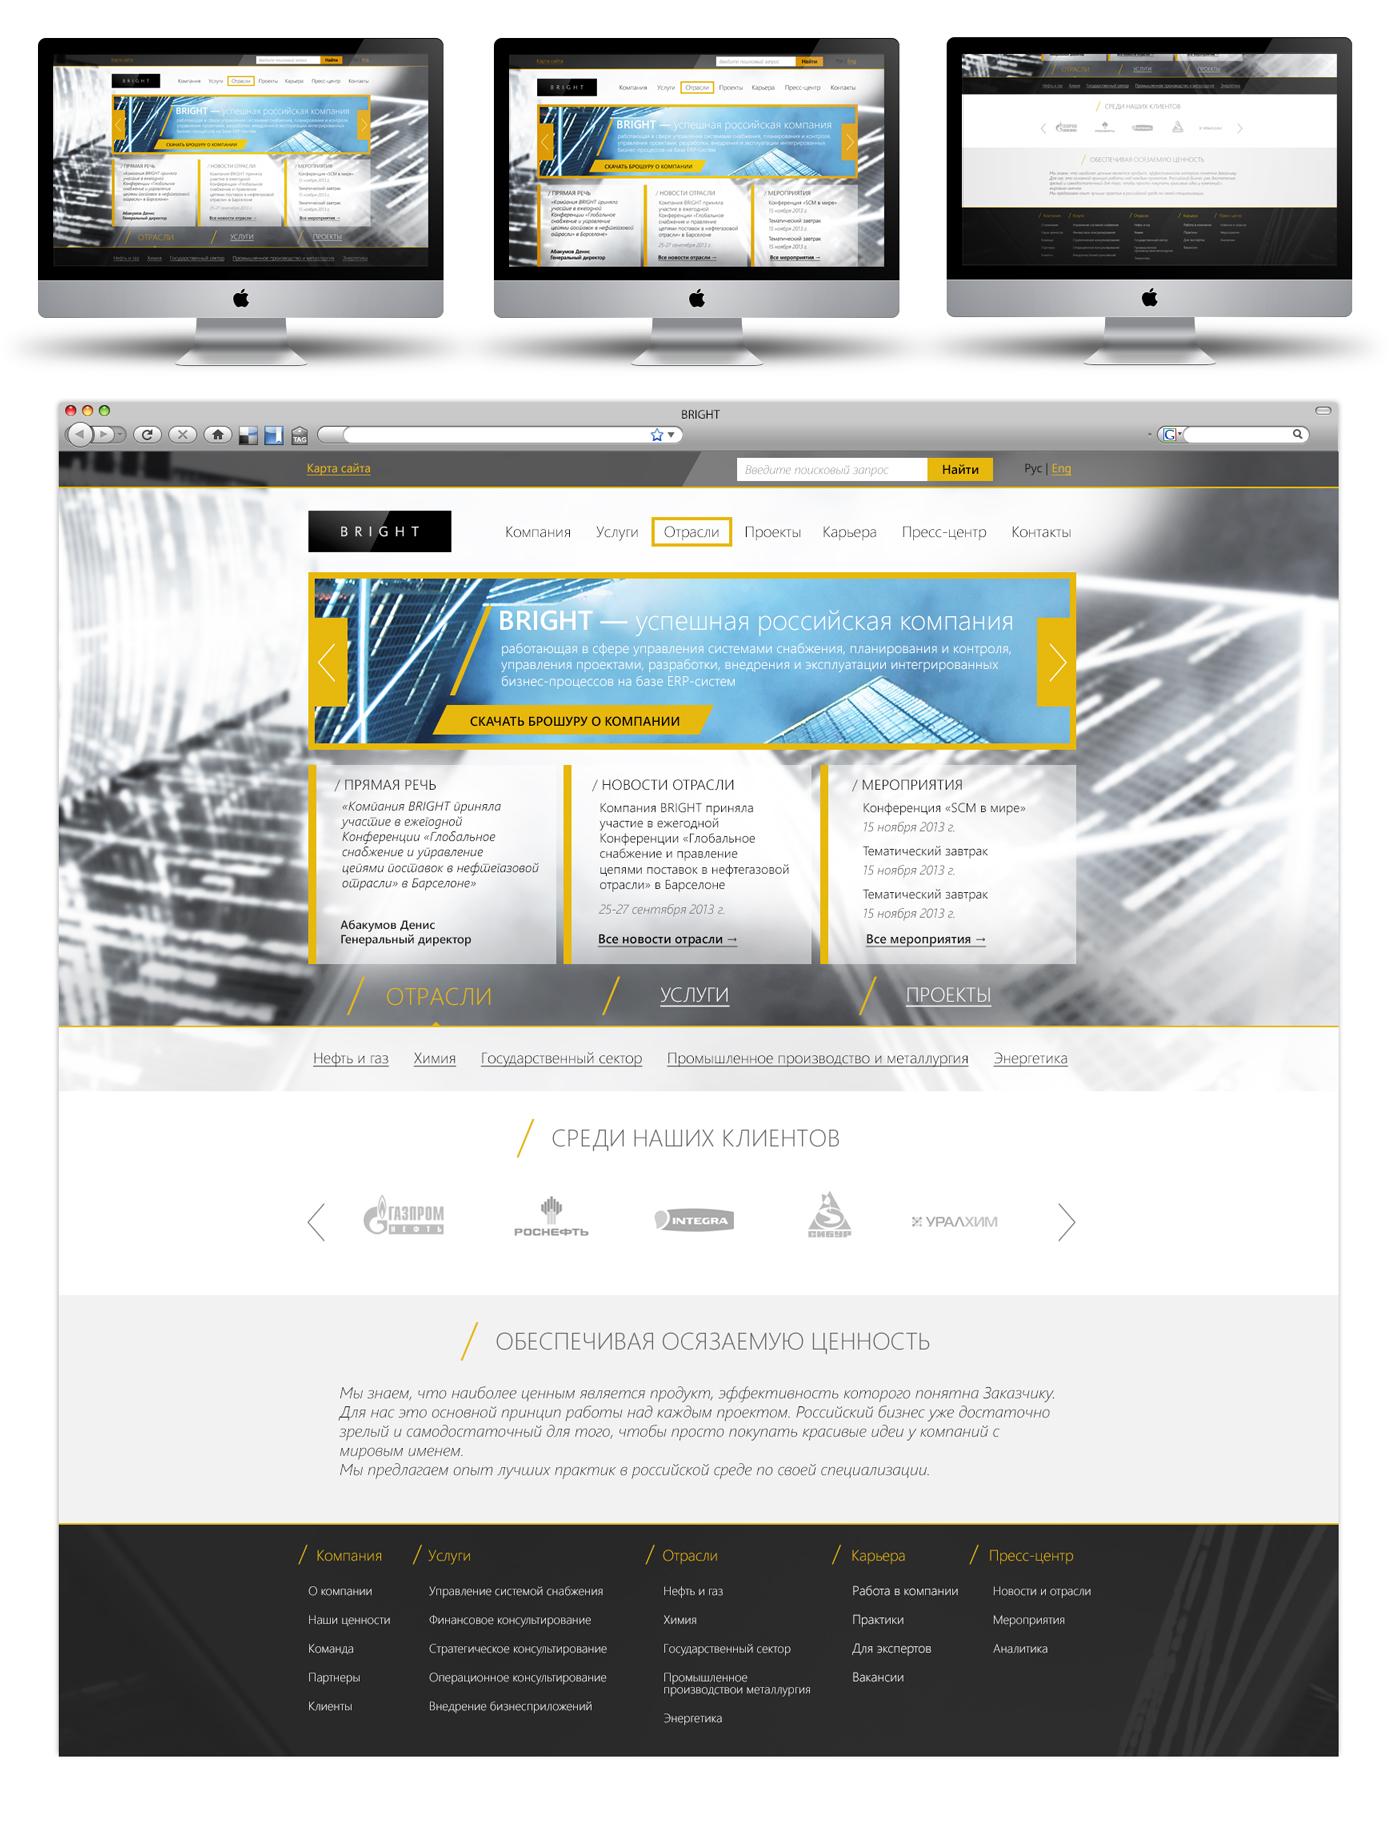 Дизайн и разработка сайта консалтинговой компании фото f_94452fbcef0133e5.jpg